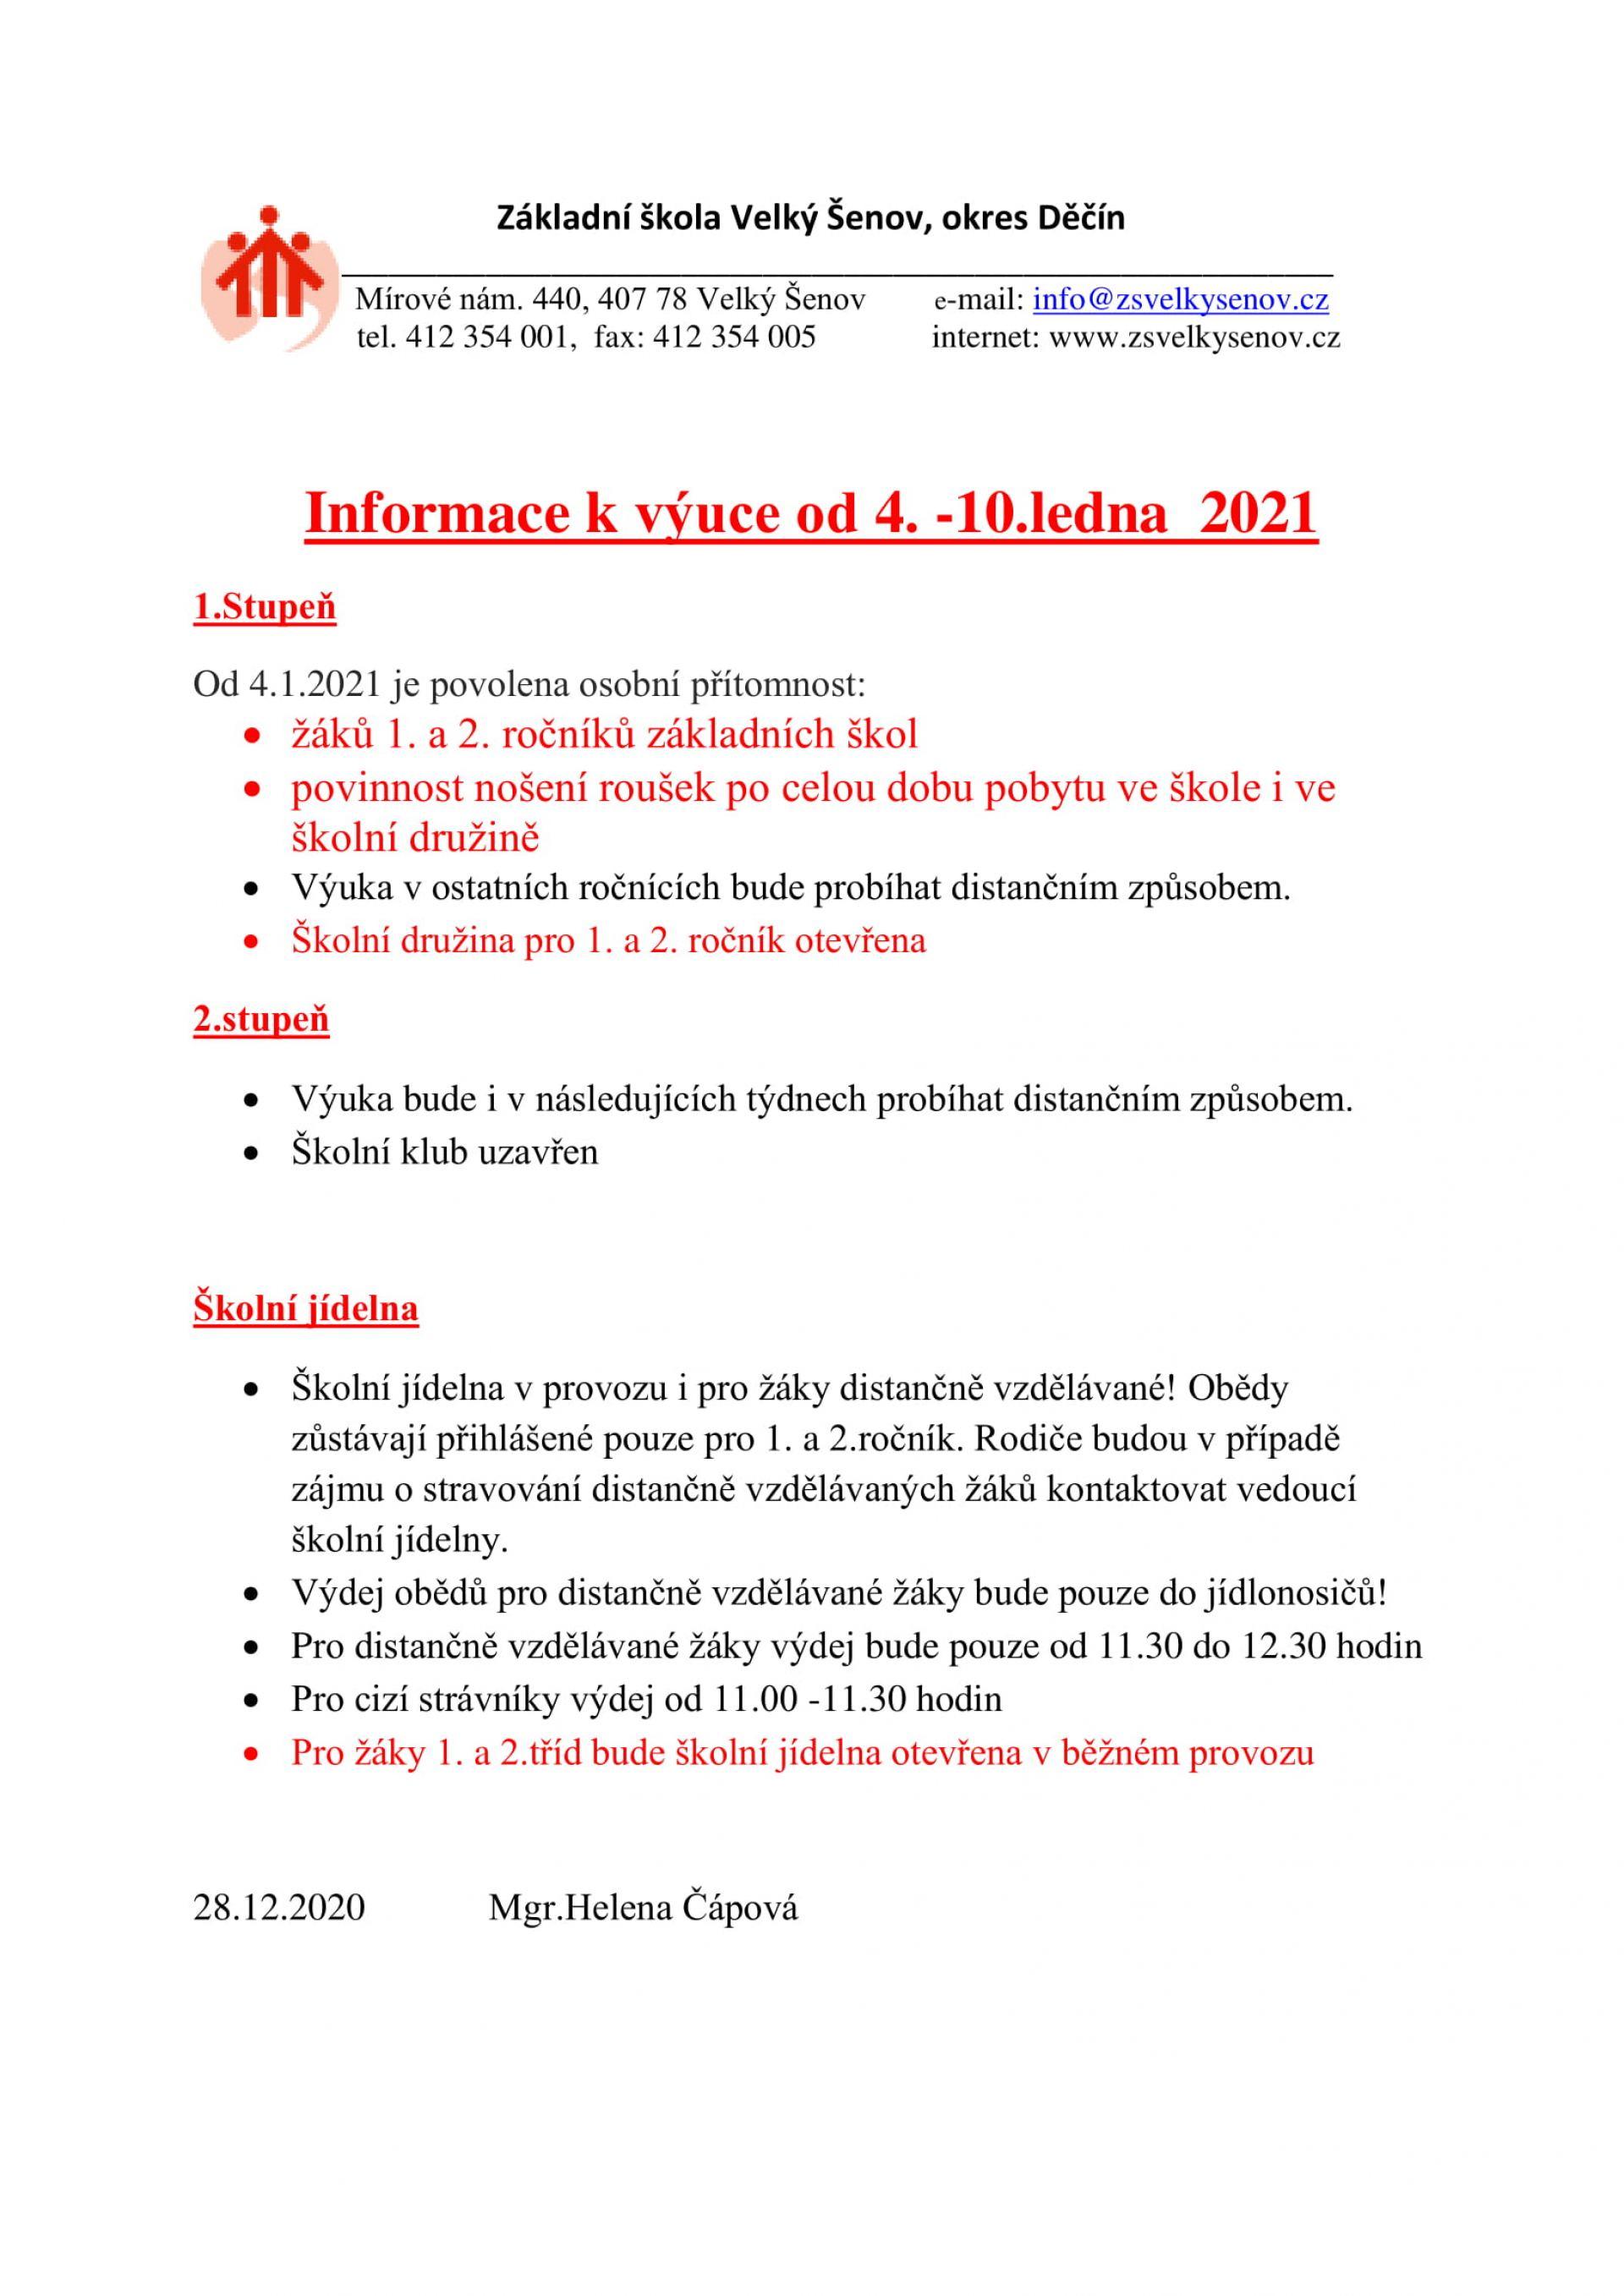 Informace k výuce od 4.1.2021